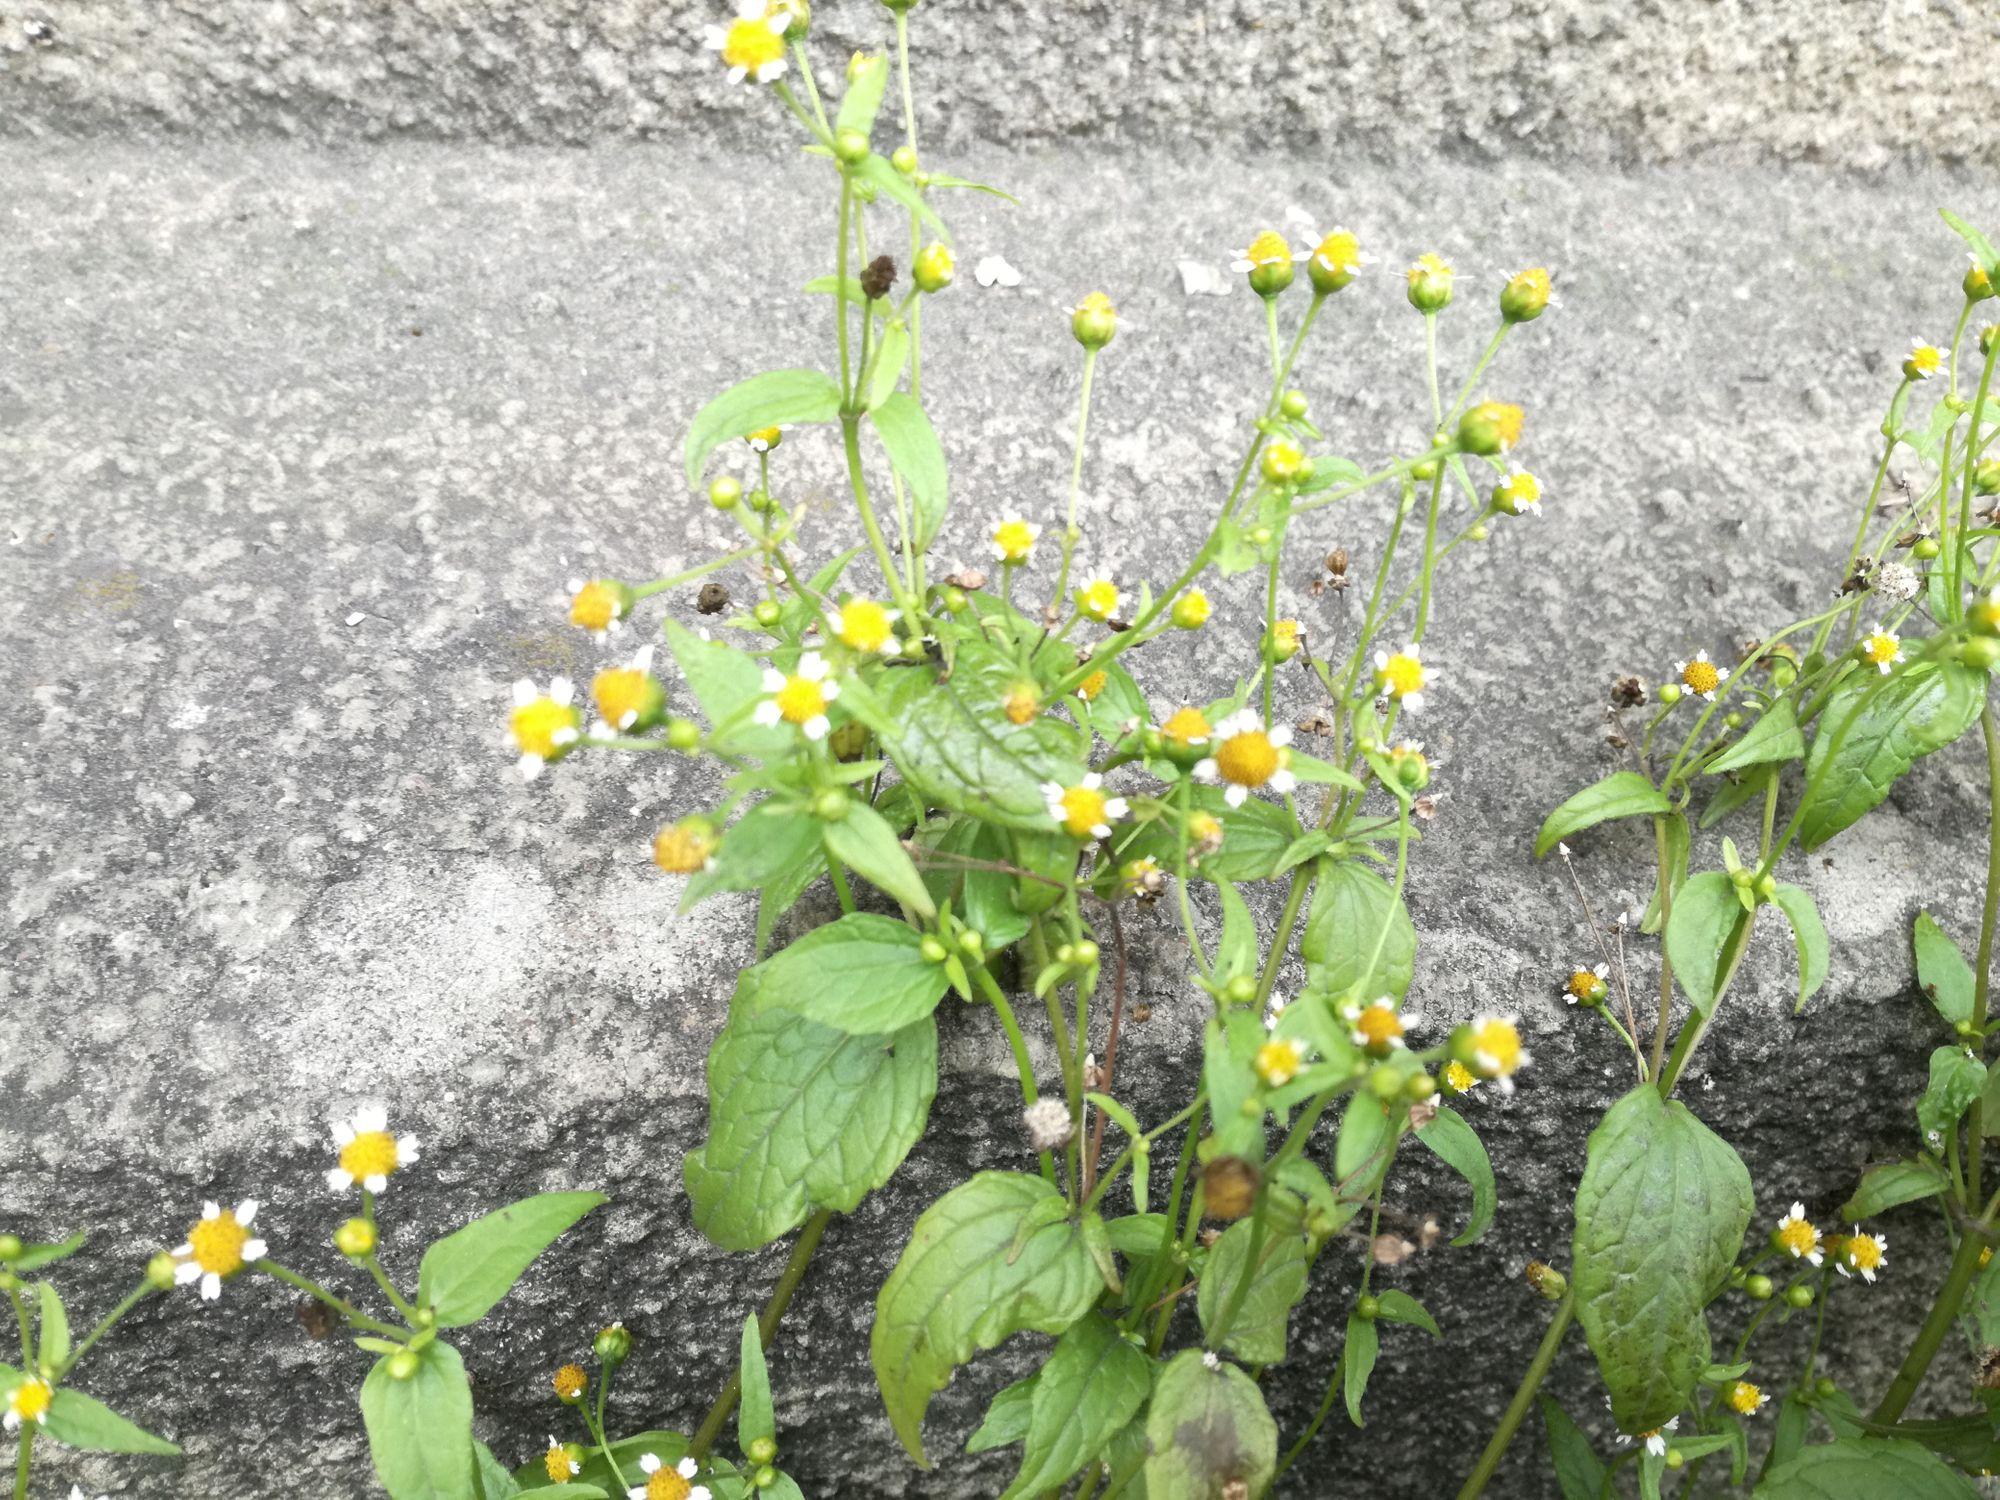 Smulkiažiedė galinsoga (Galinsoga parviflora)